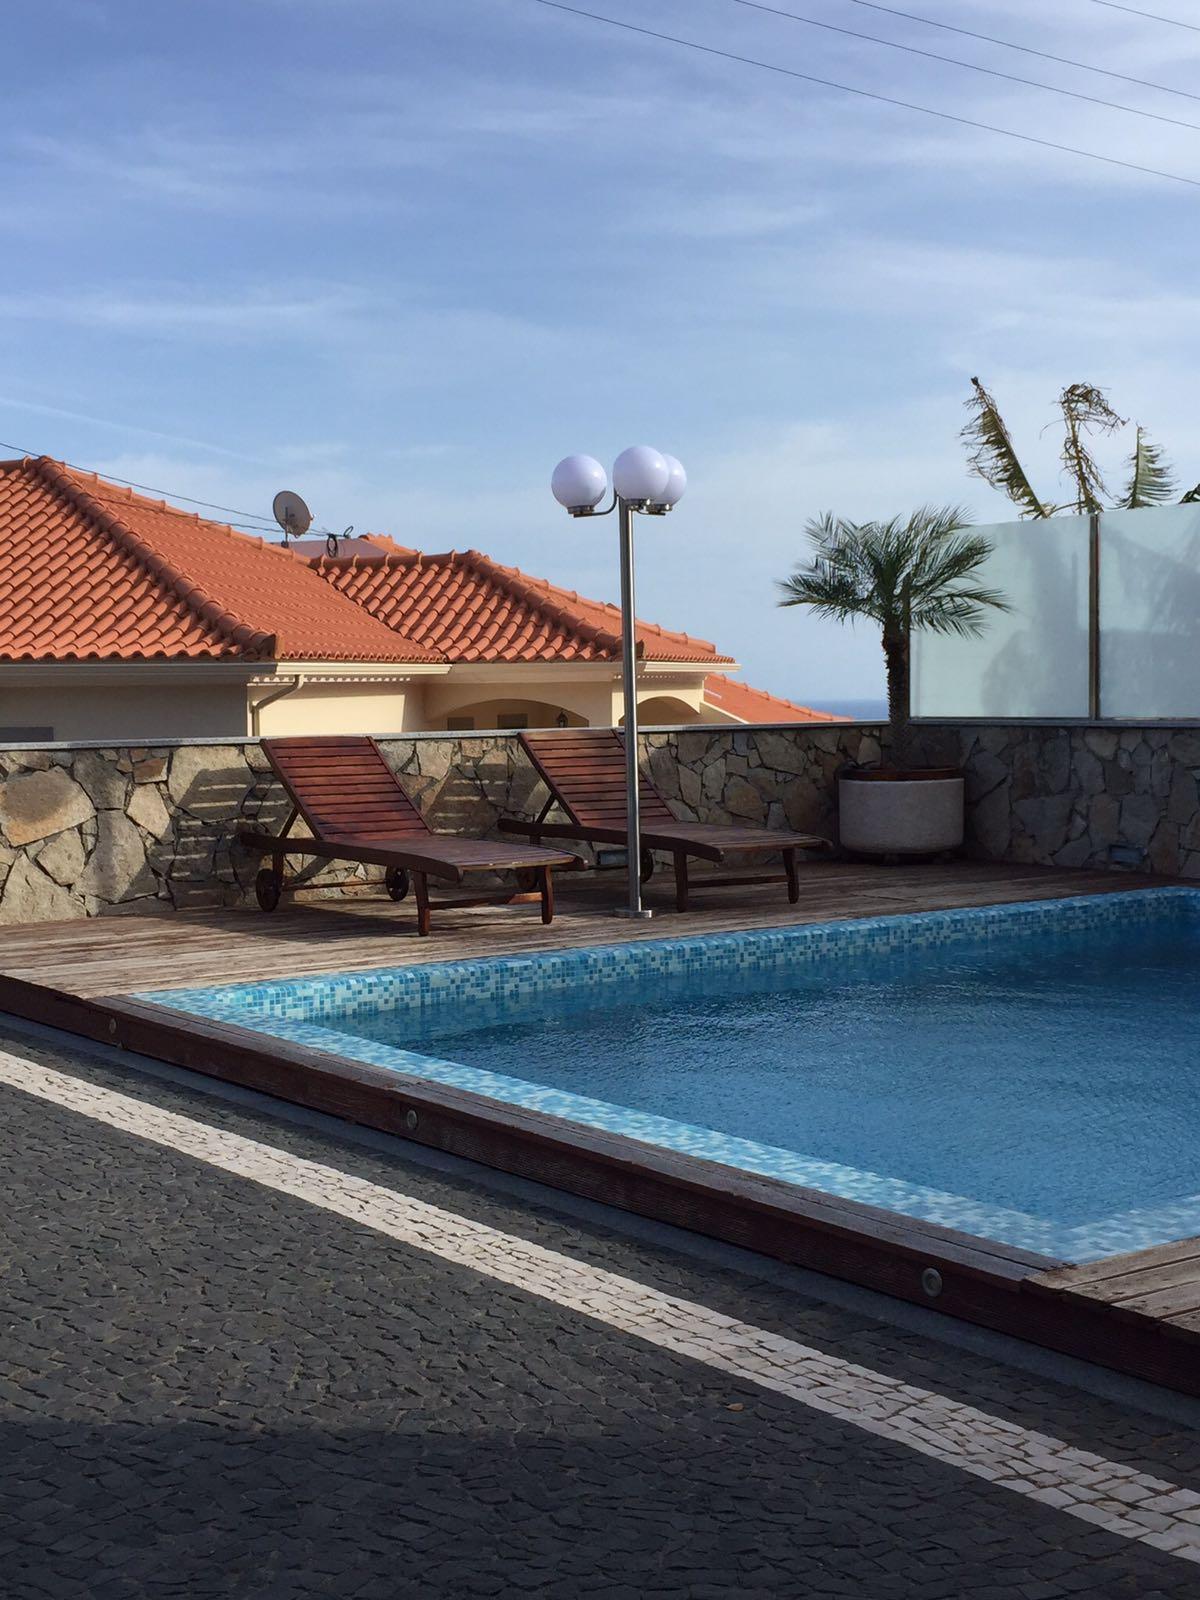 Image Villa a vendre 1